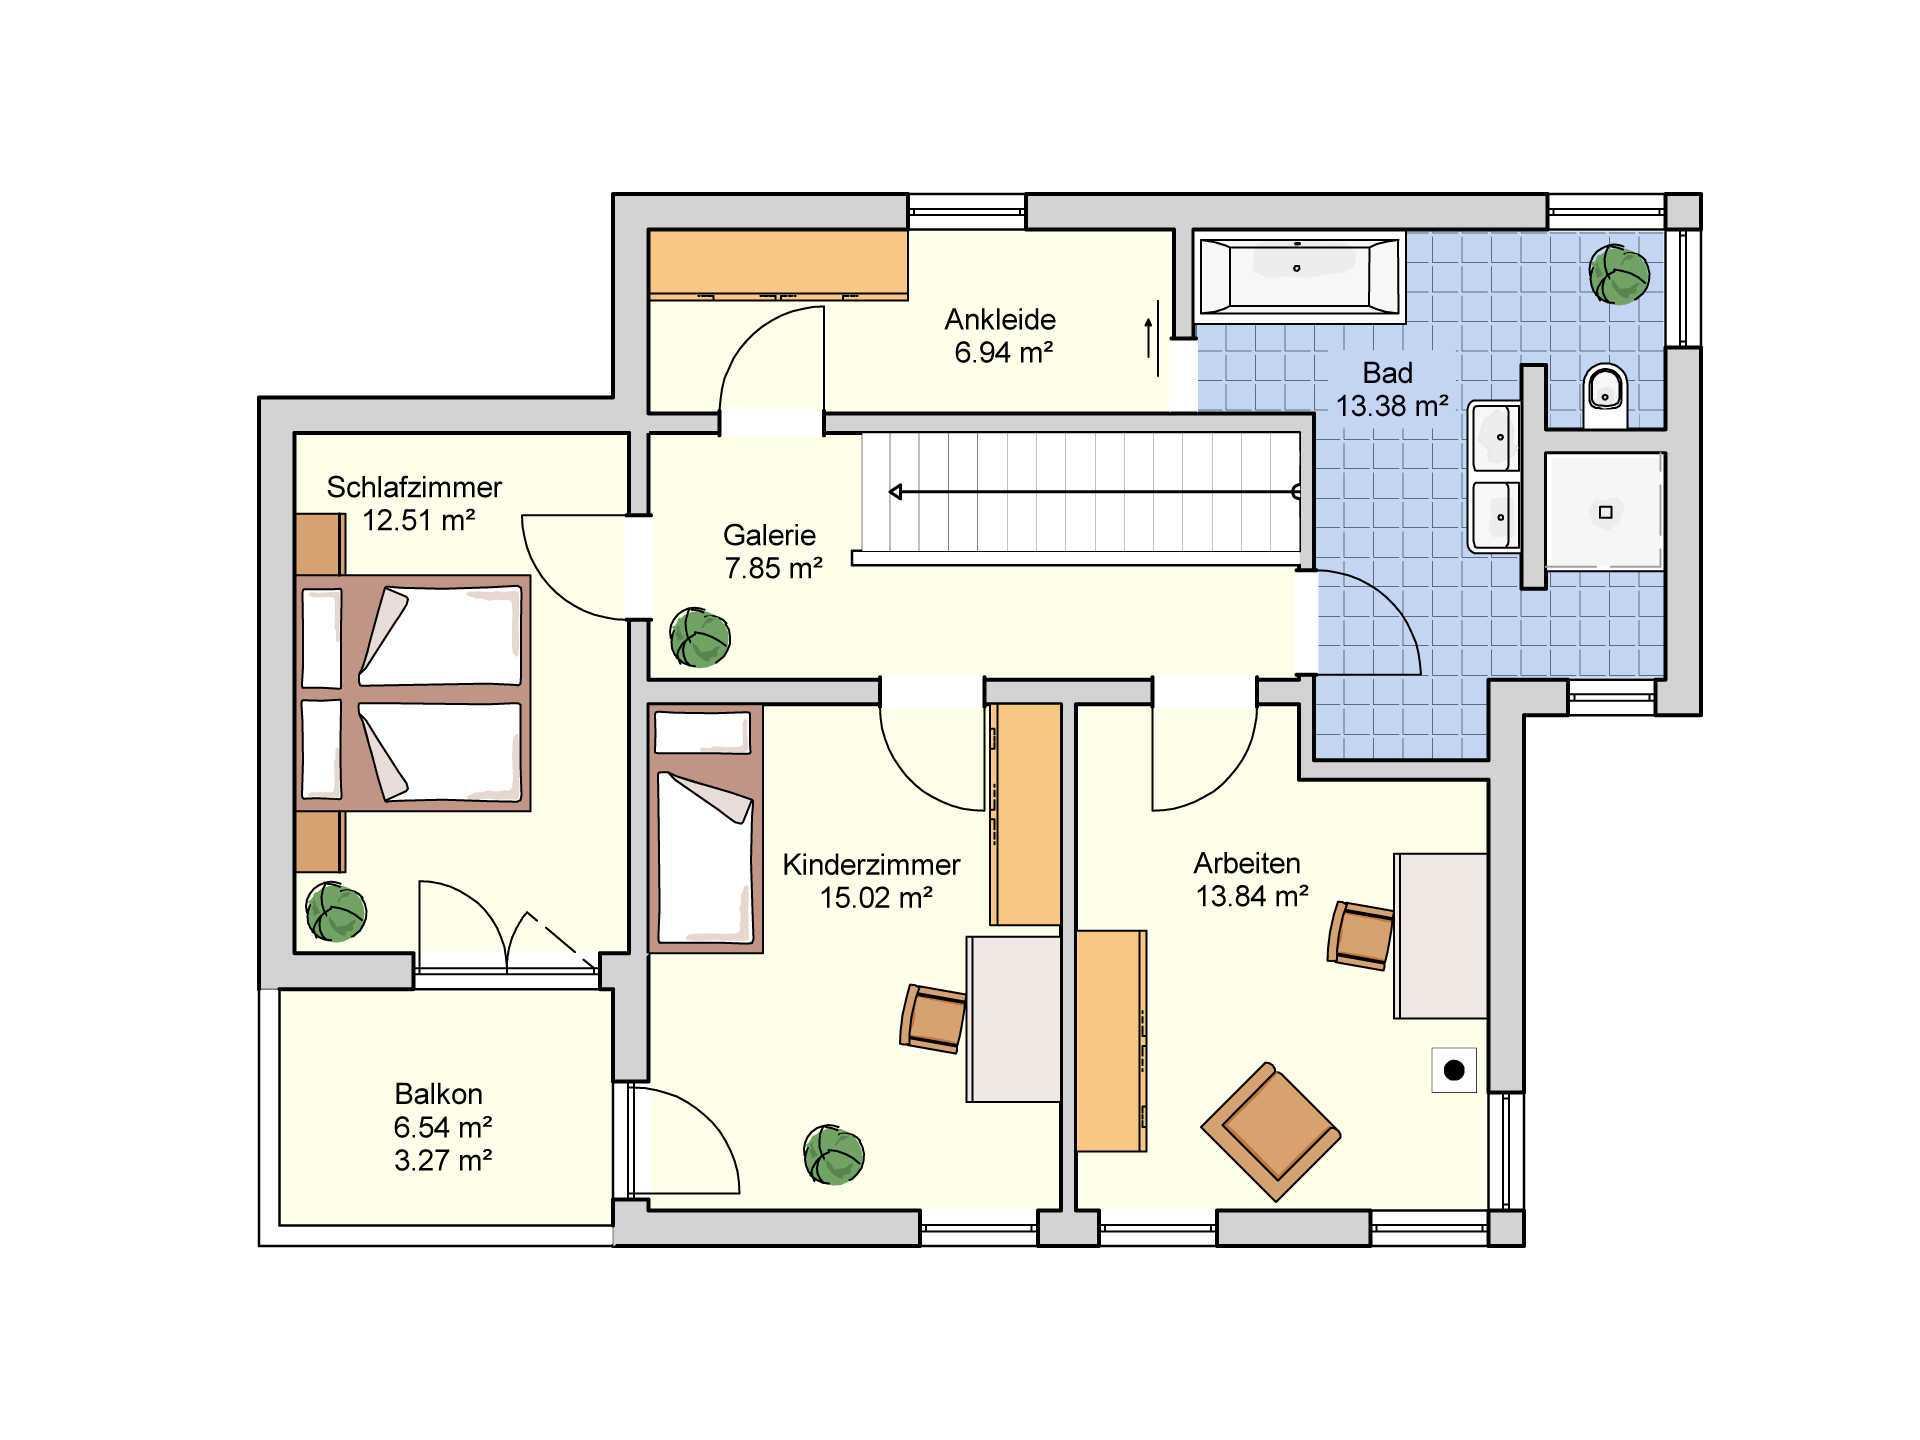 Fingerhut Haus Flachdachhaus F 97.10 Grundriss OG